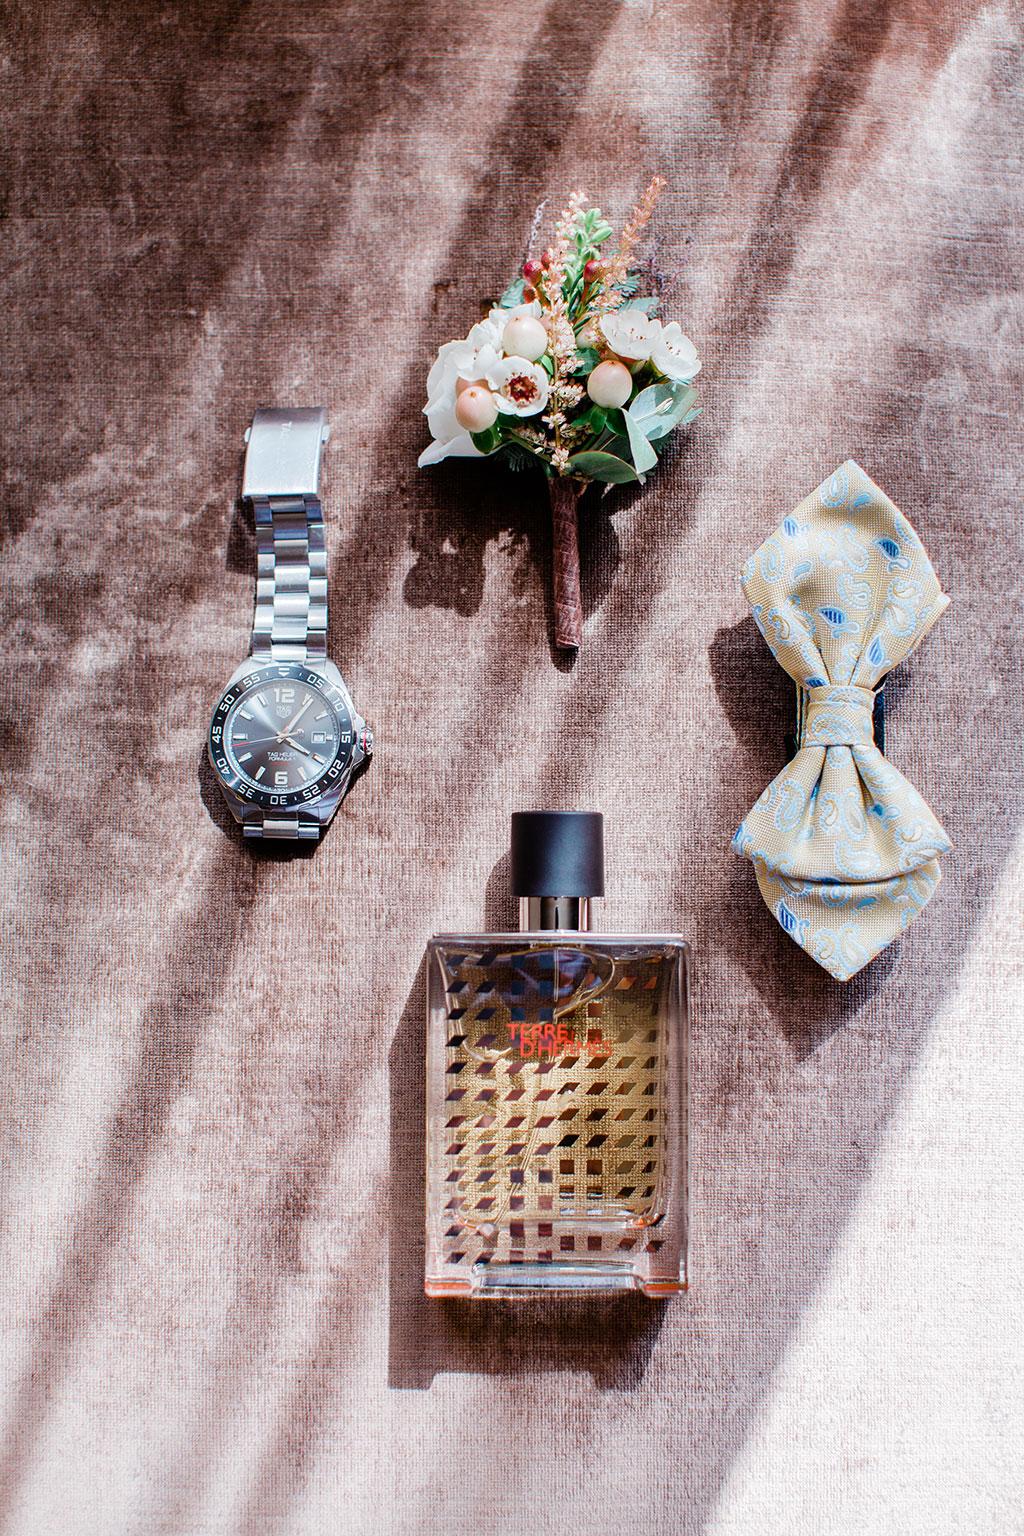 μια μπουτονιέρα, ένα παπιγιόν, το ρολόι και το άρωμα του γαμπρού, the groom's accessories for the wedding